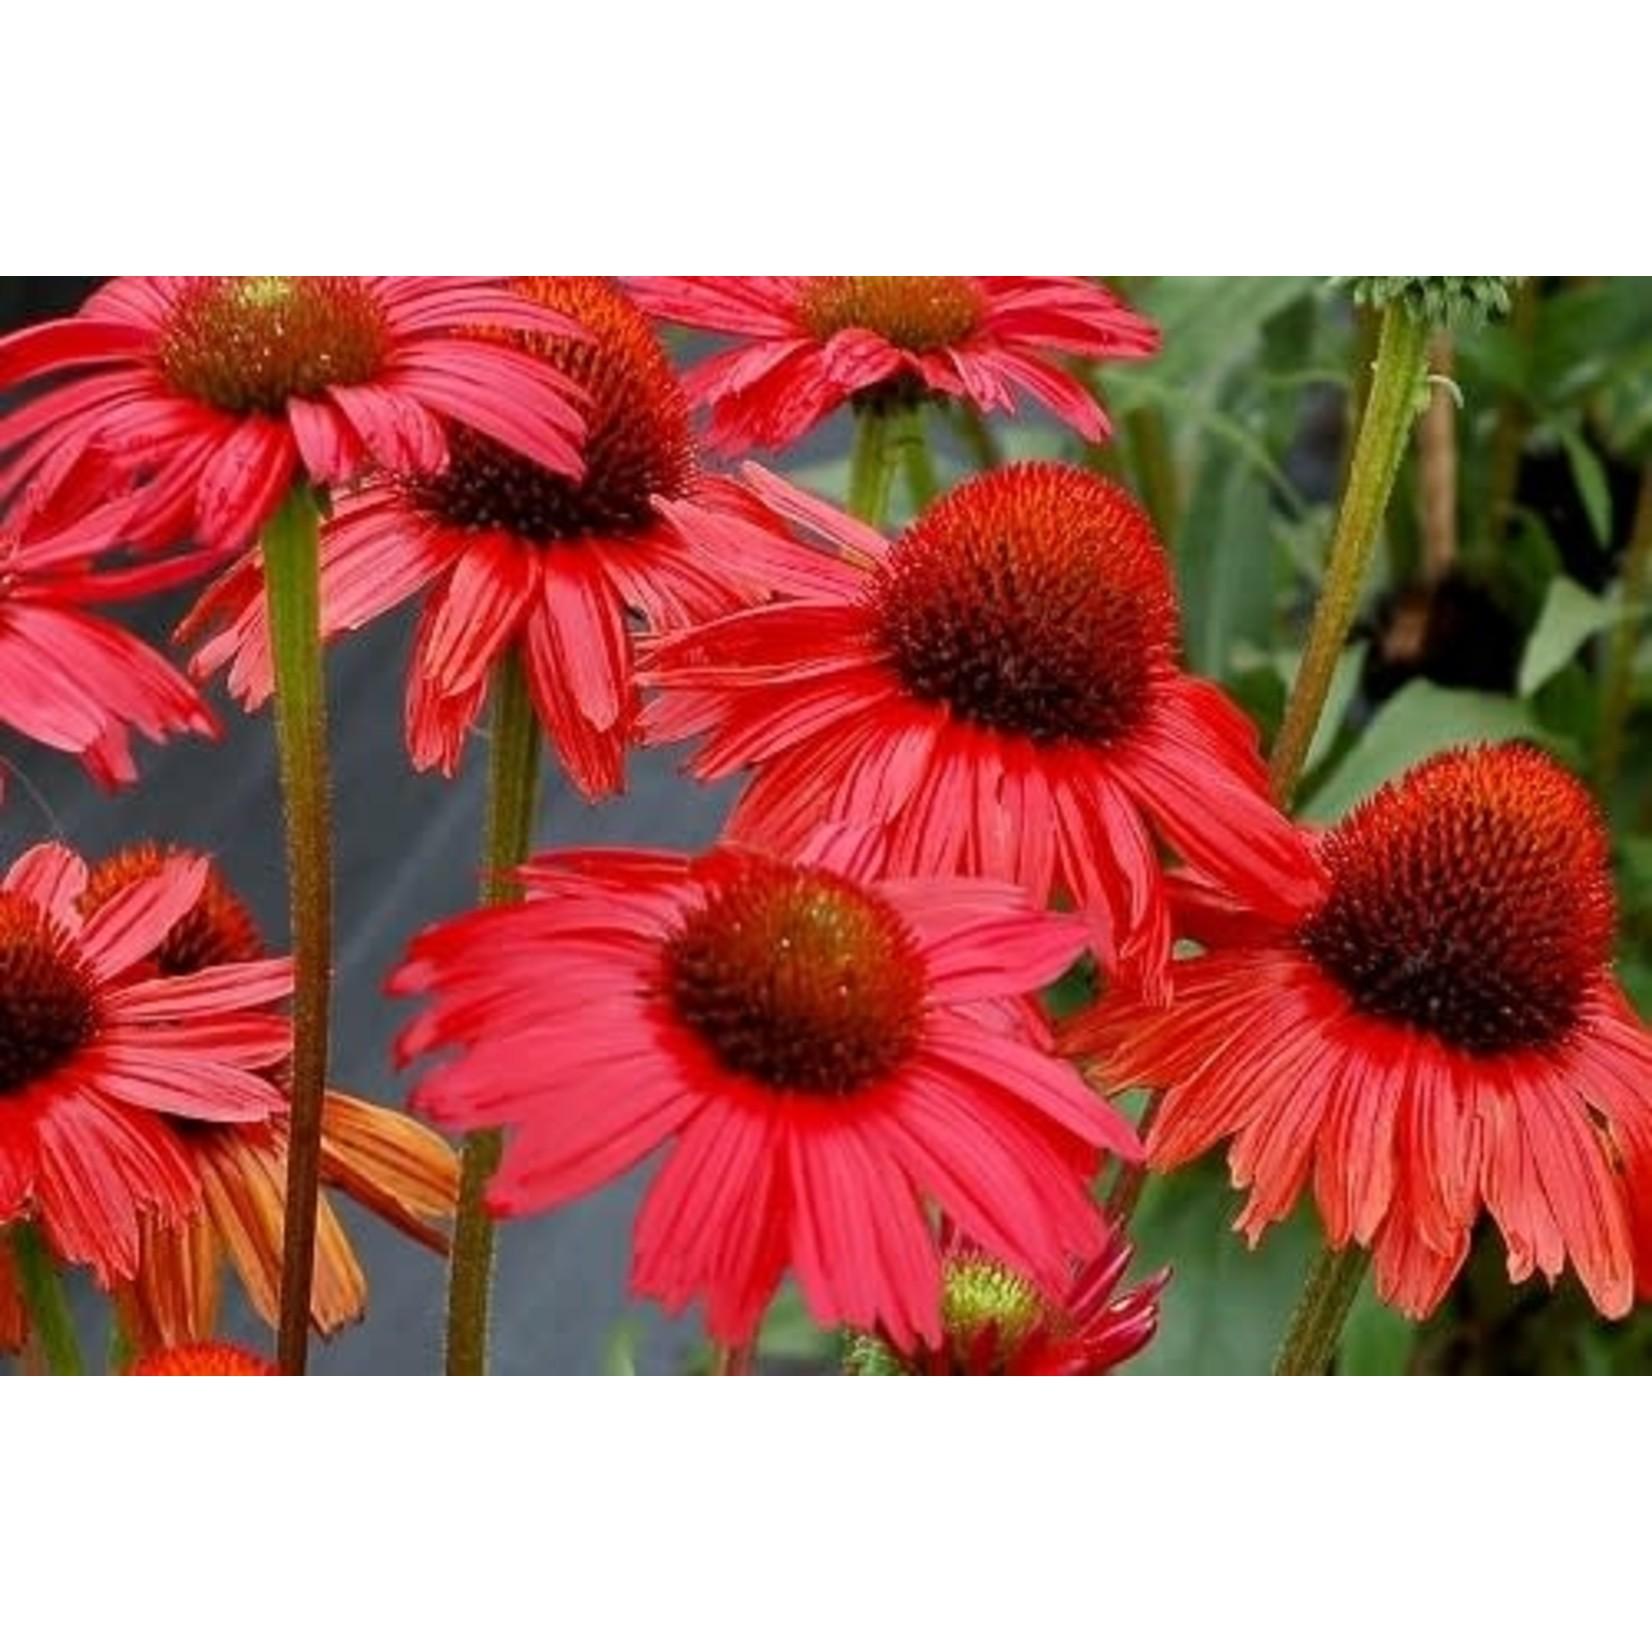 Echinacea 'kismet red' - 1 gal